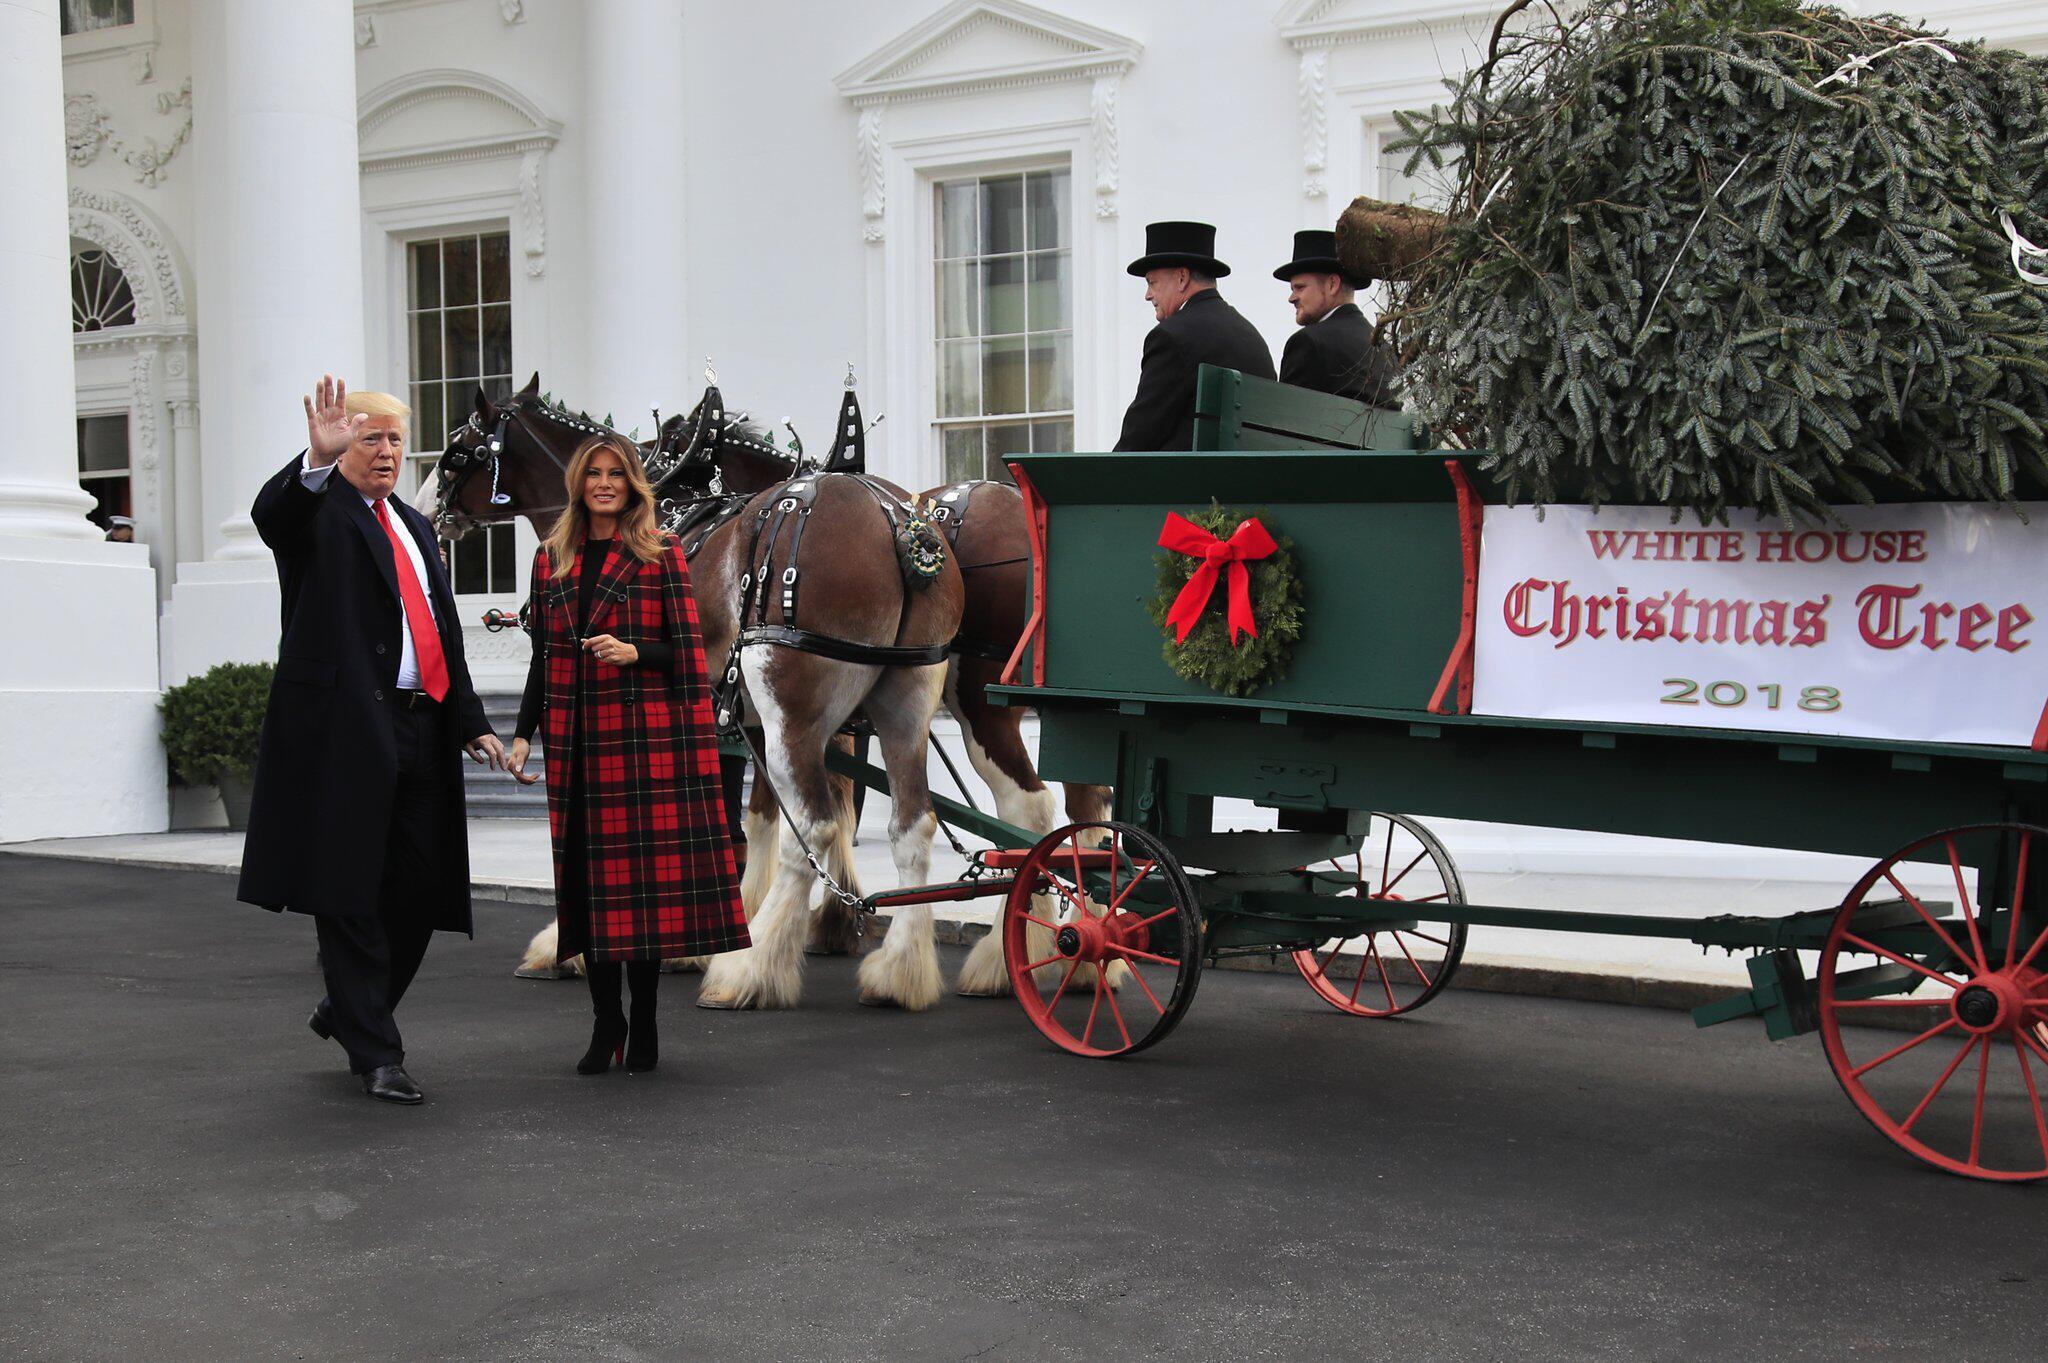 Bild zu Weihnachtsbaum für das Weisse Haus